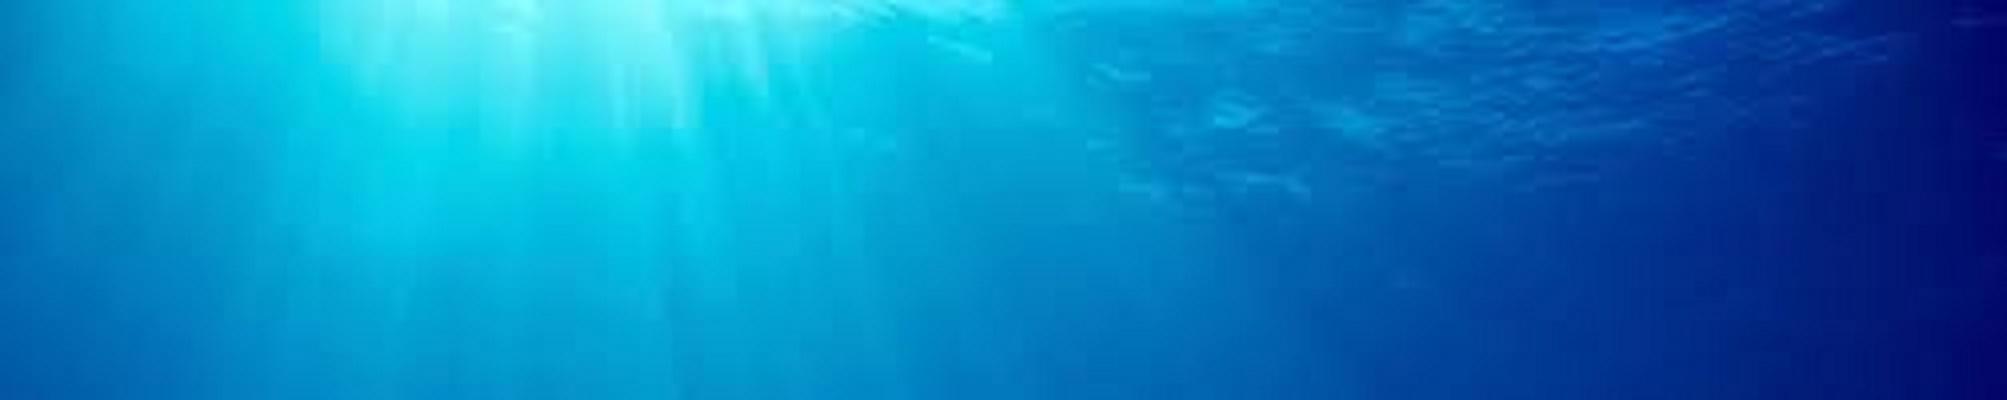 Scuba And Snorkeling Gear